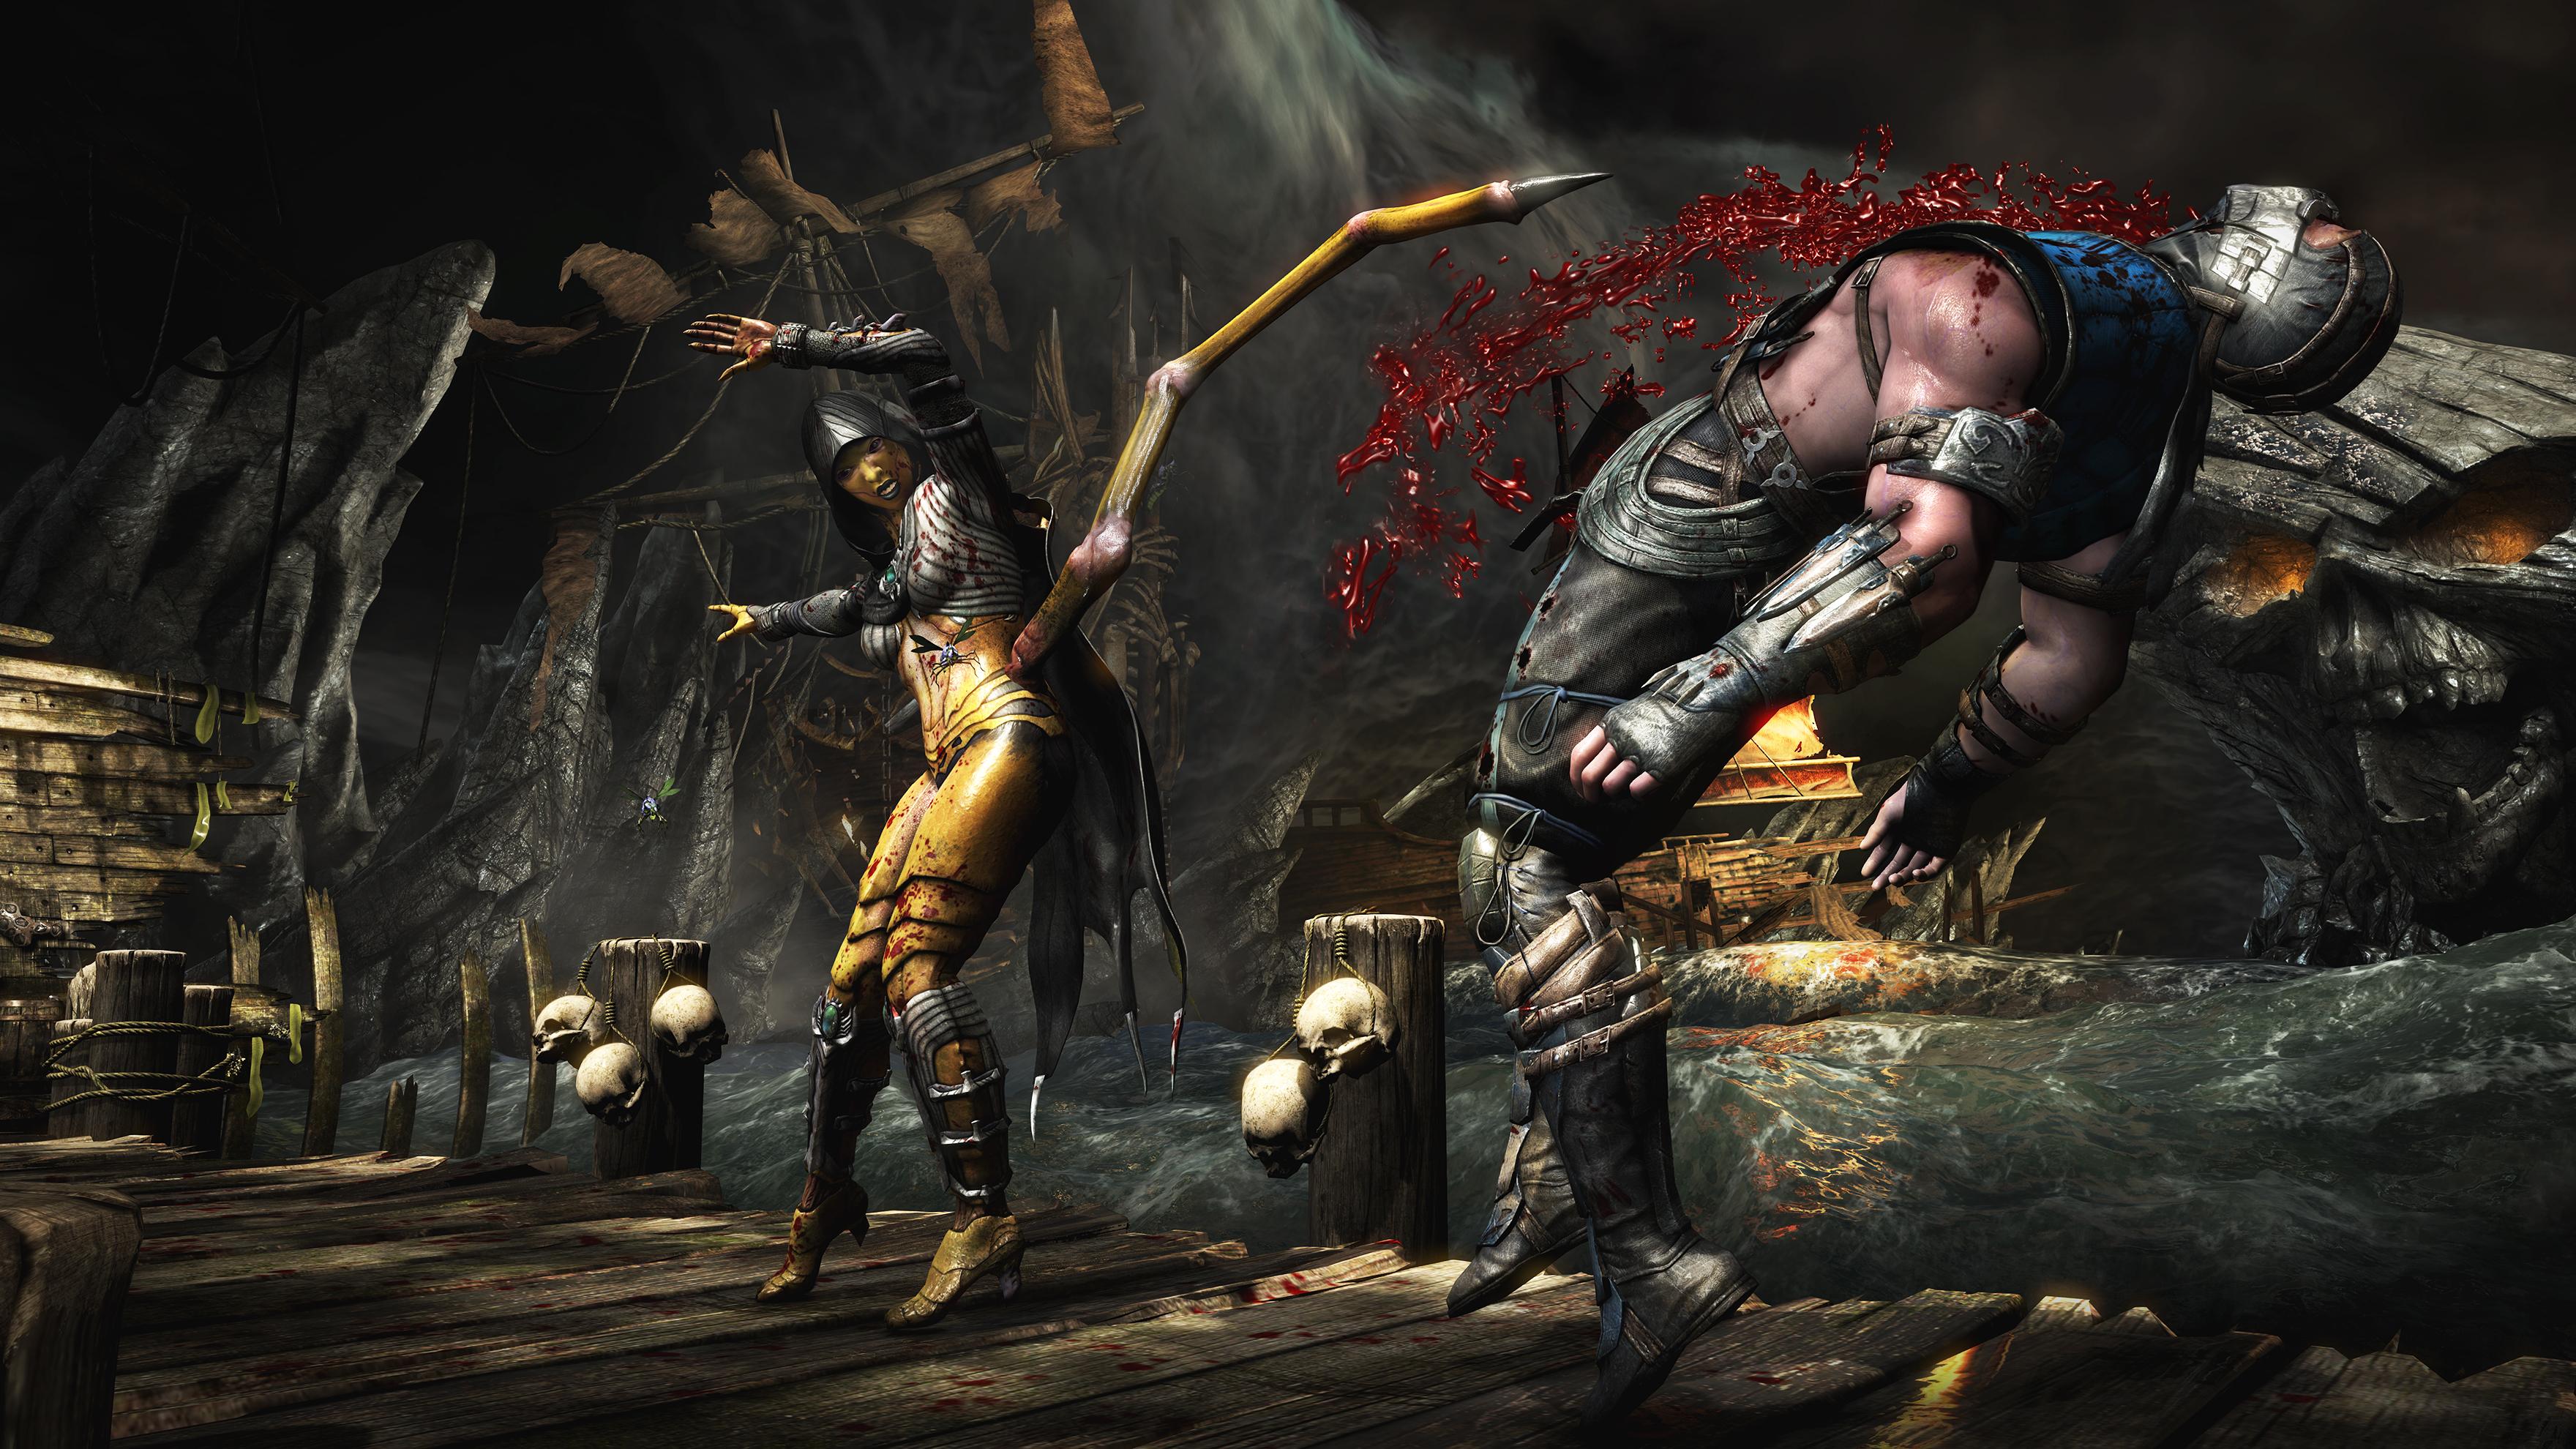 Mortal Kombat X: All Hidden Fatality Inputs | Walkthroughs